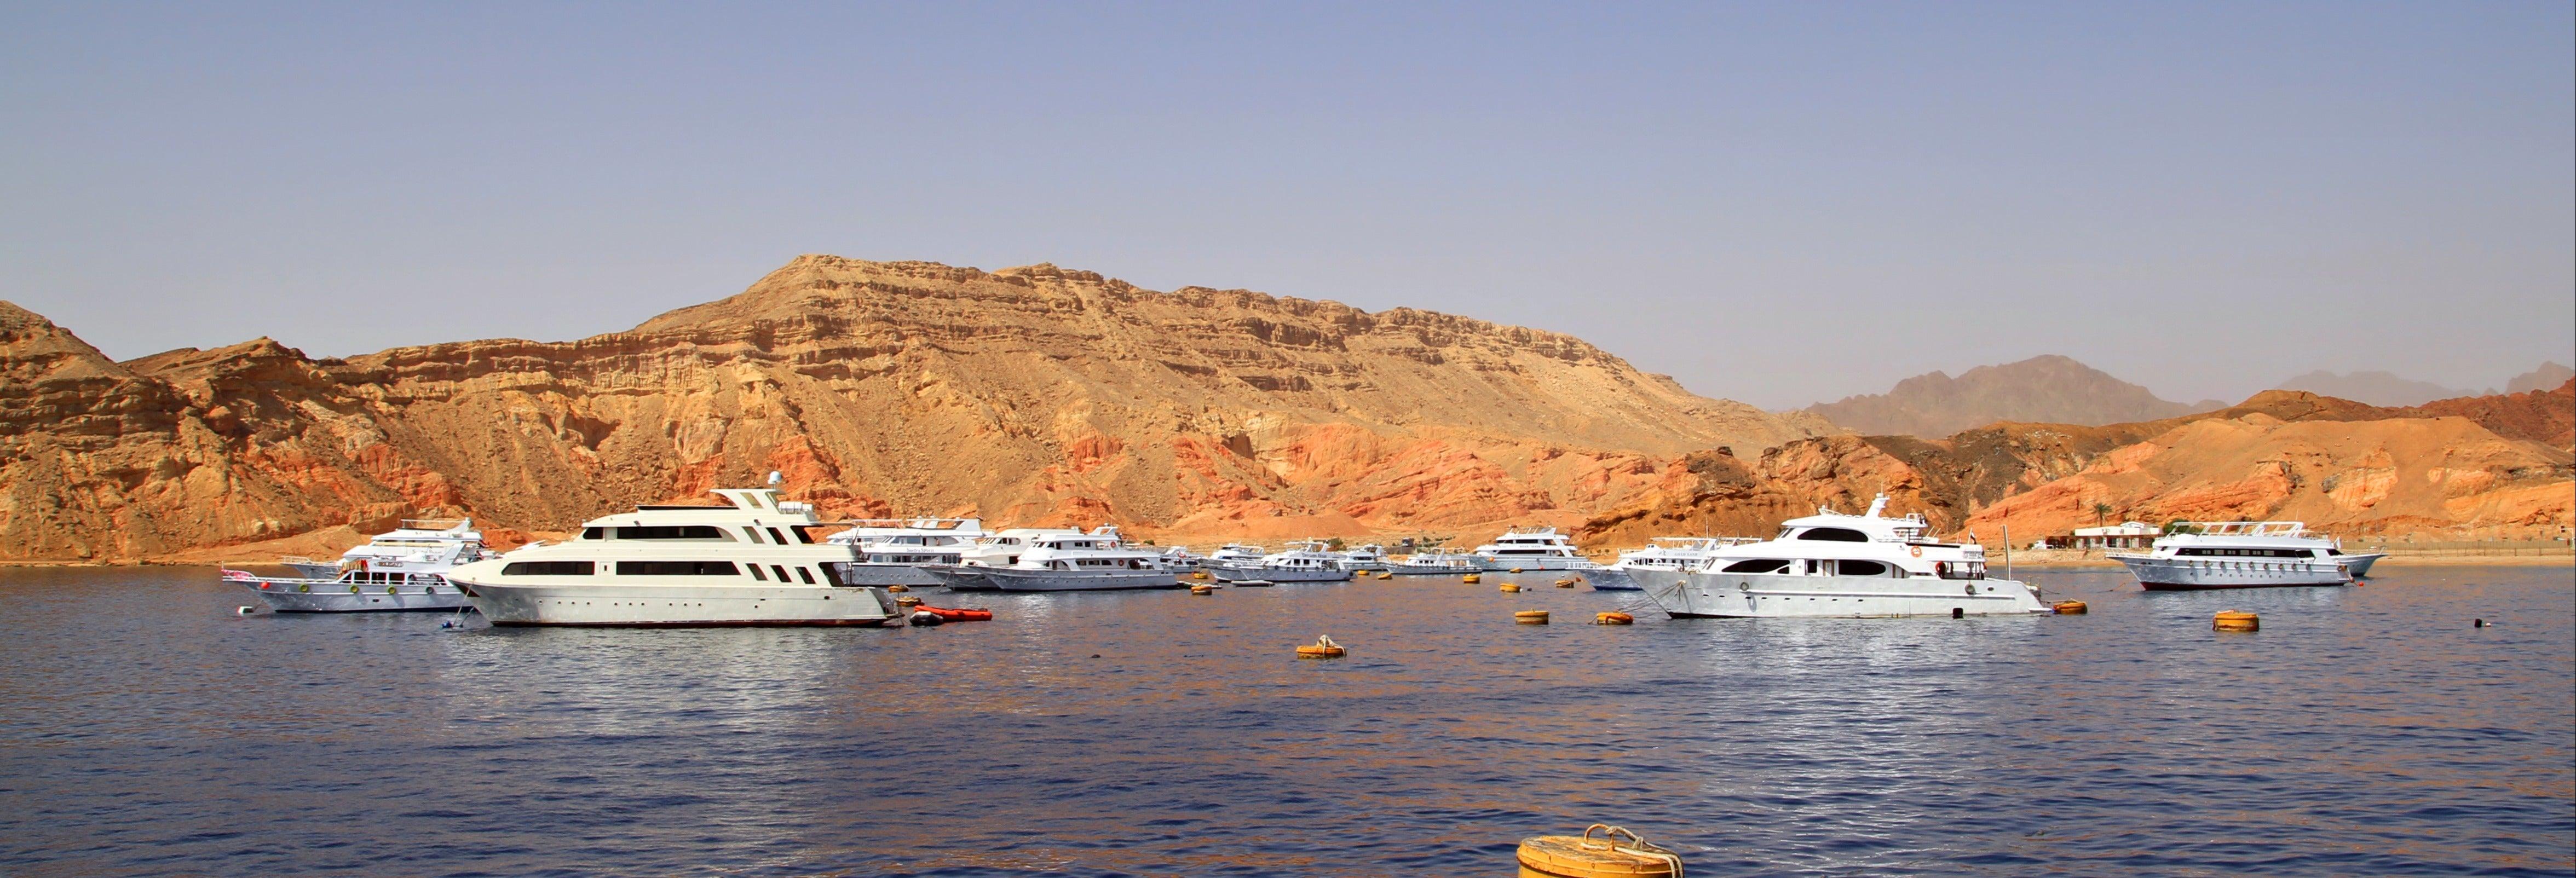 Croisière de 4 jours sur le lac Nasser